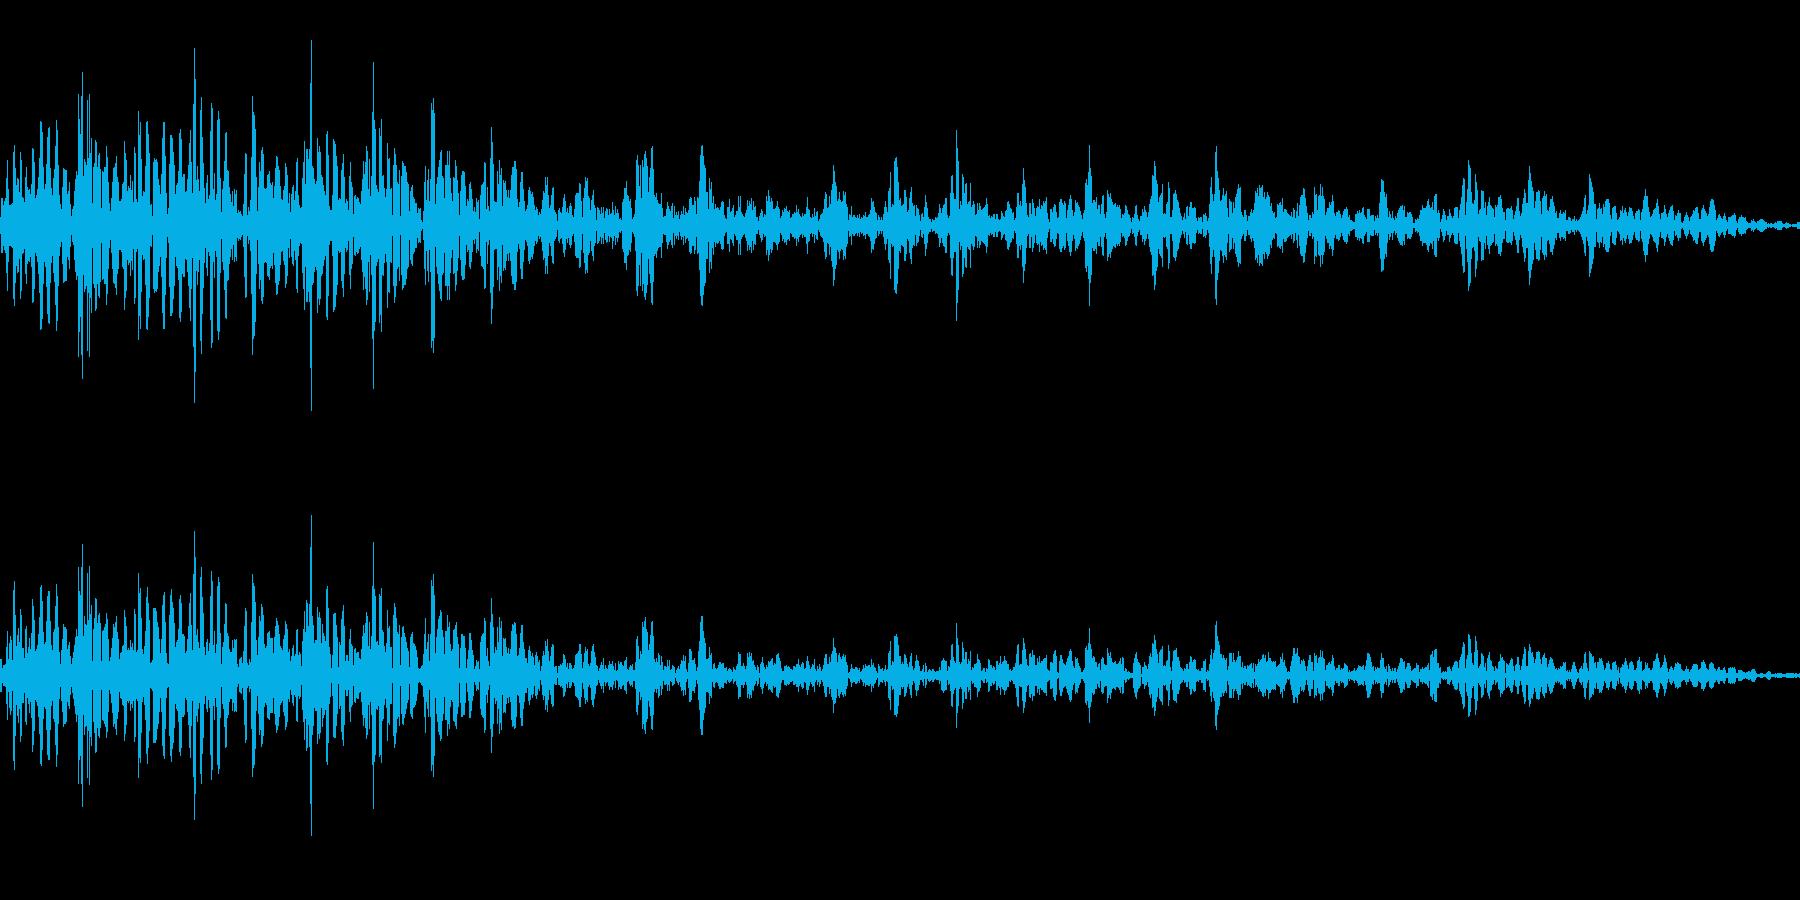 アフリカライオンのうなり声(最も低い声)の再生済みの波形